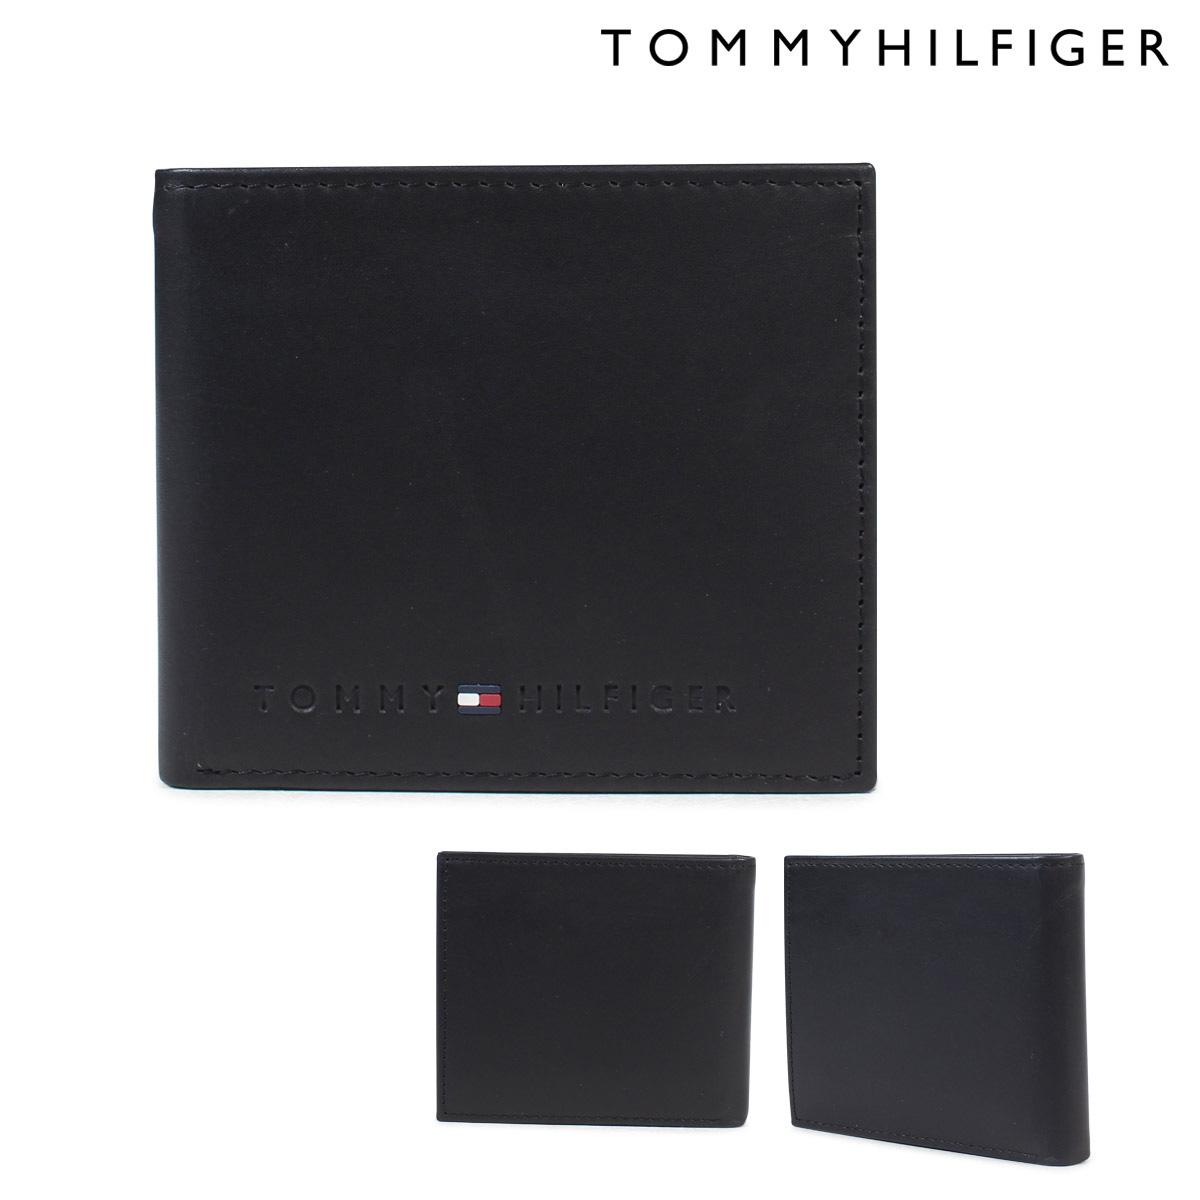 トミーヒルフィガー TOMMY HILFIGER 財布 二つ折り財布 メンズ レザー WALLESLEY BI-FOLD WALLET 4859 31TL25X005-001 ブラック